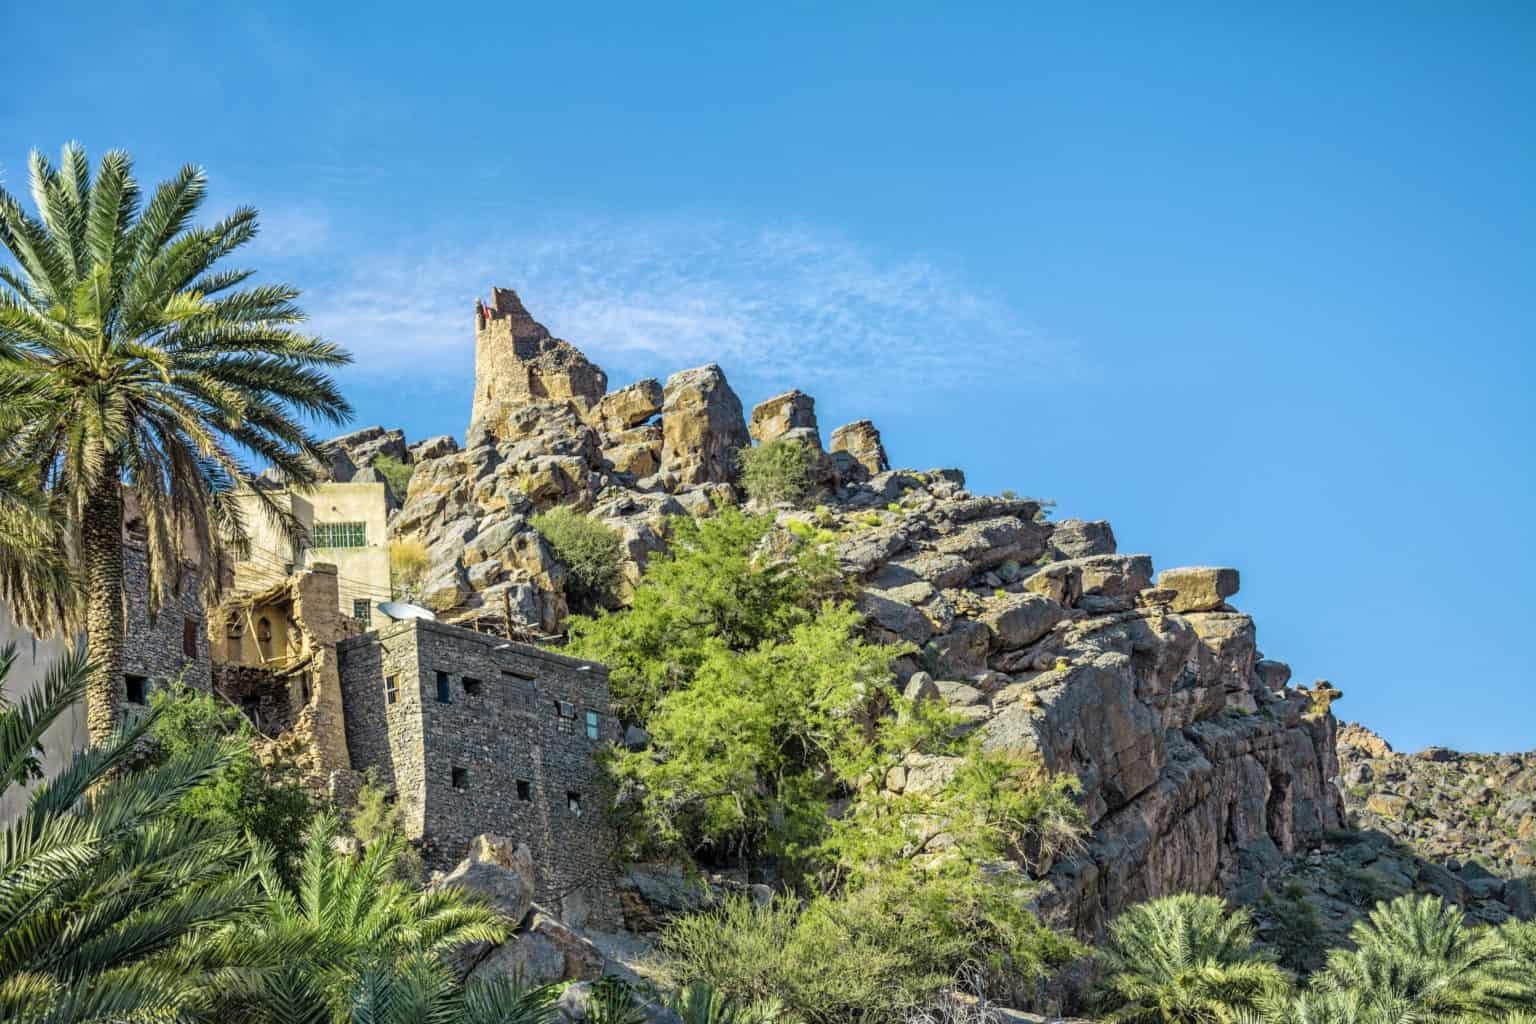 Walking tour in Misfat al Abryeen